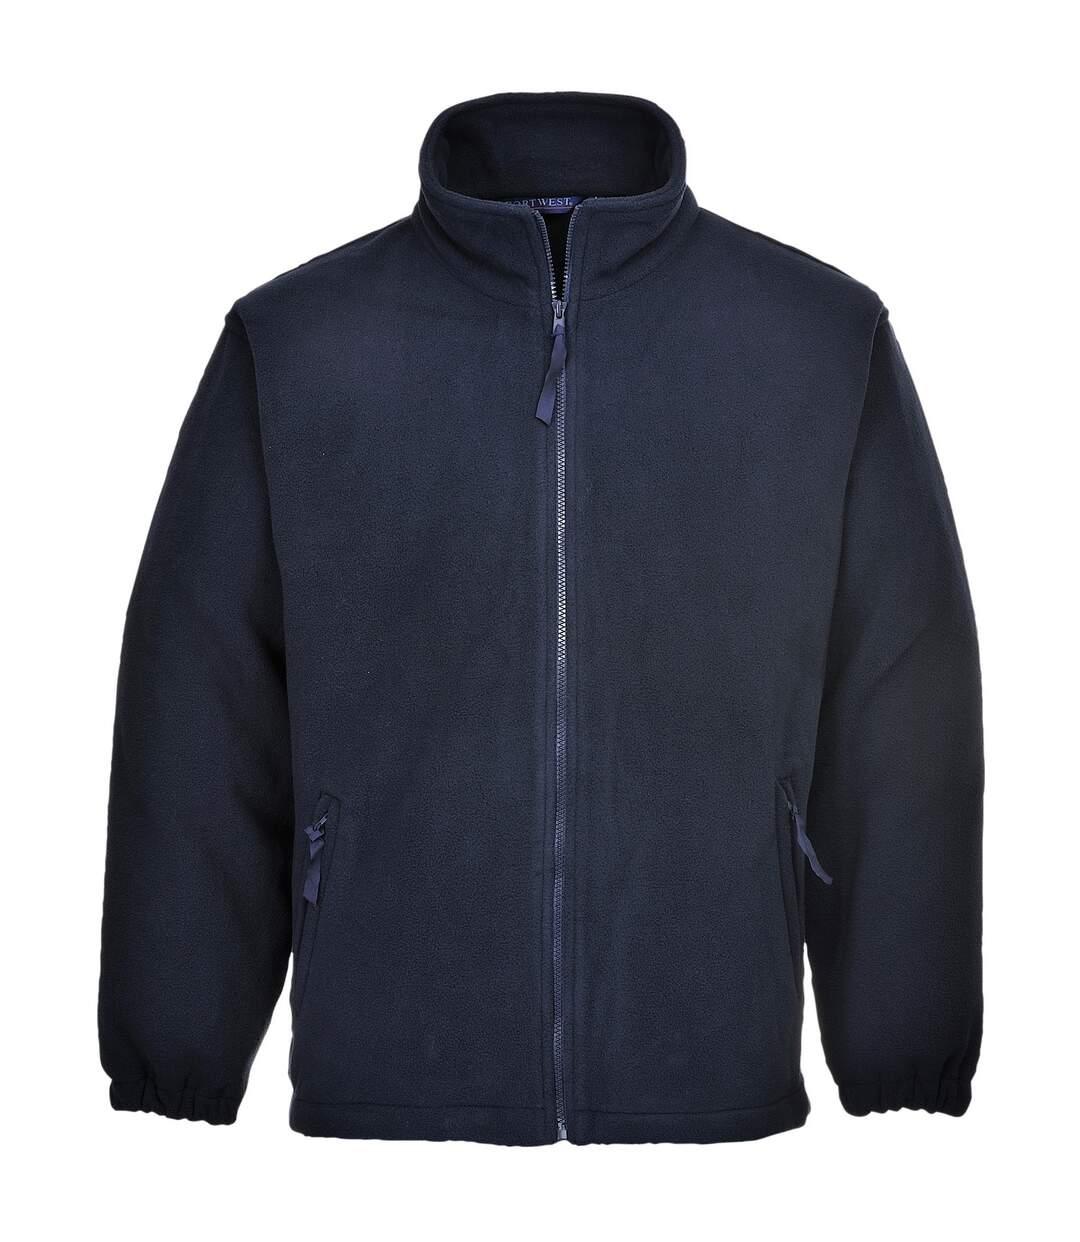 Portwest Mens Aran Full Zip Fleece Top (Black) - UTRW4363